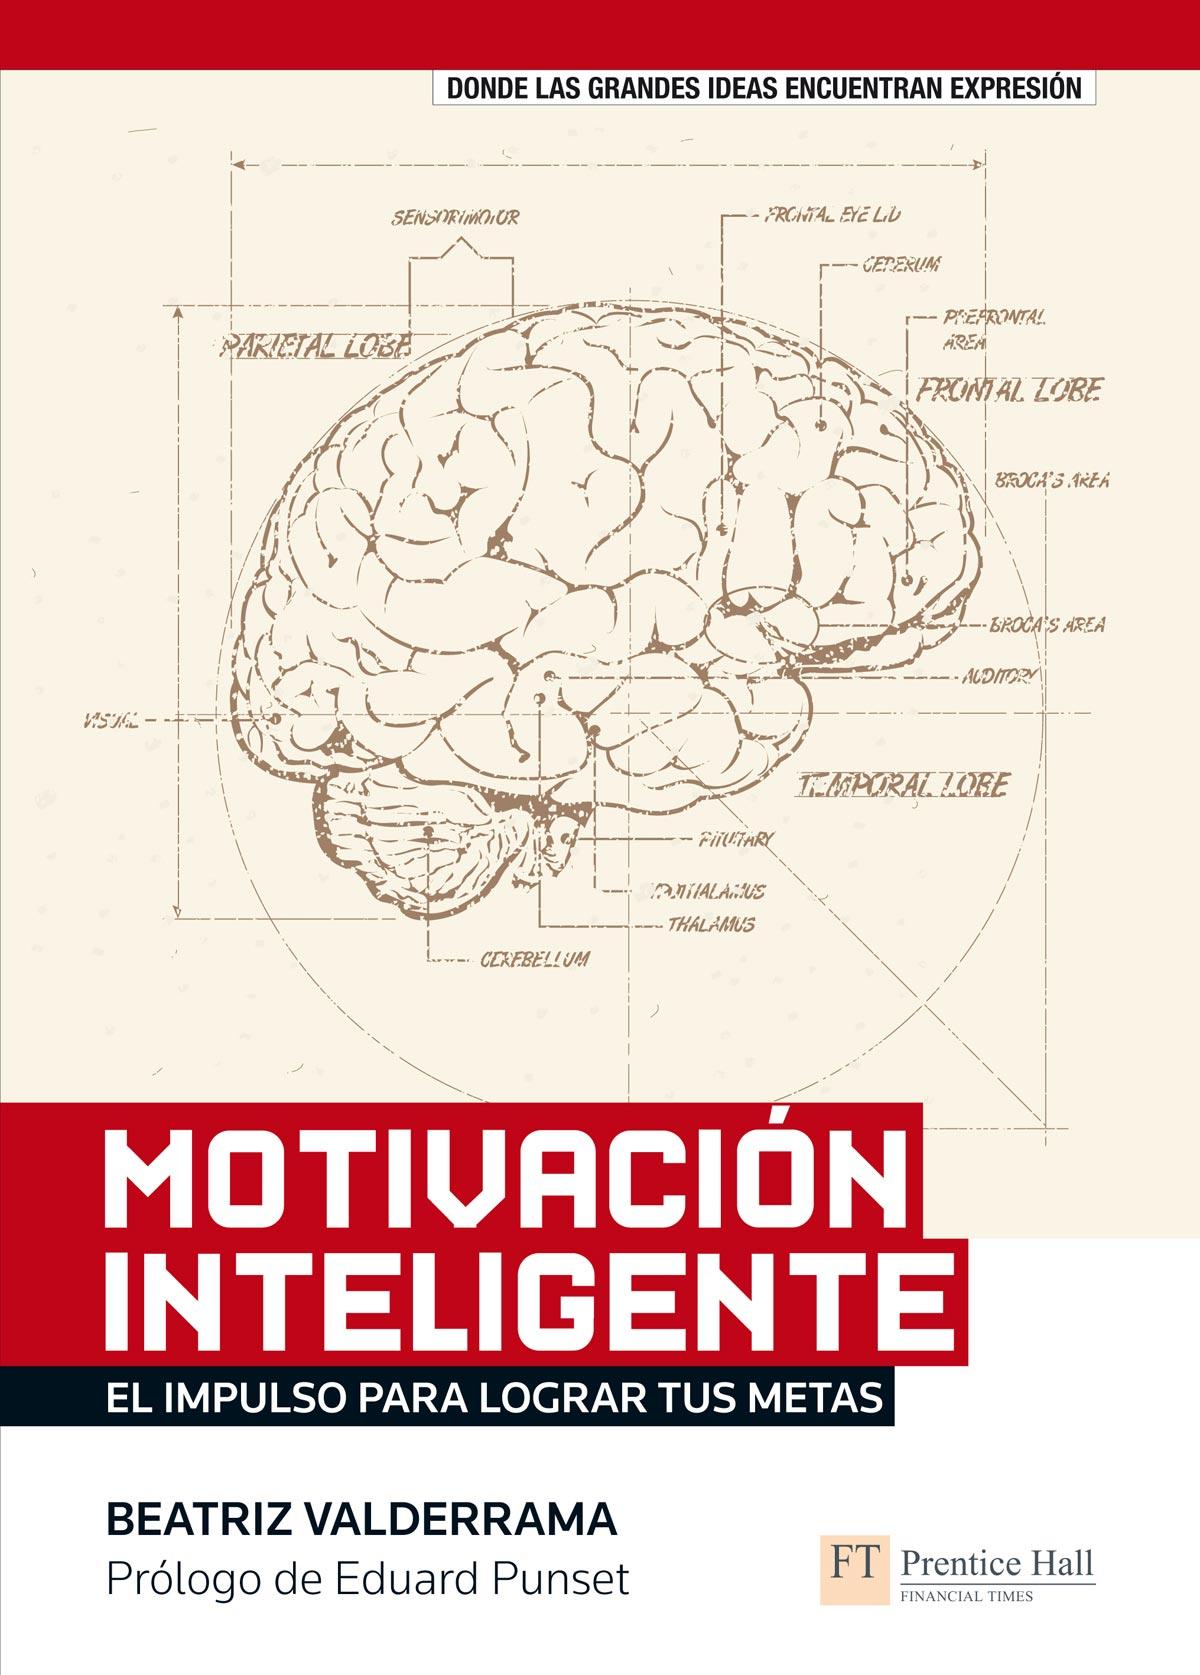 Motivacion Inteligente por Beatriz Valderrama